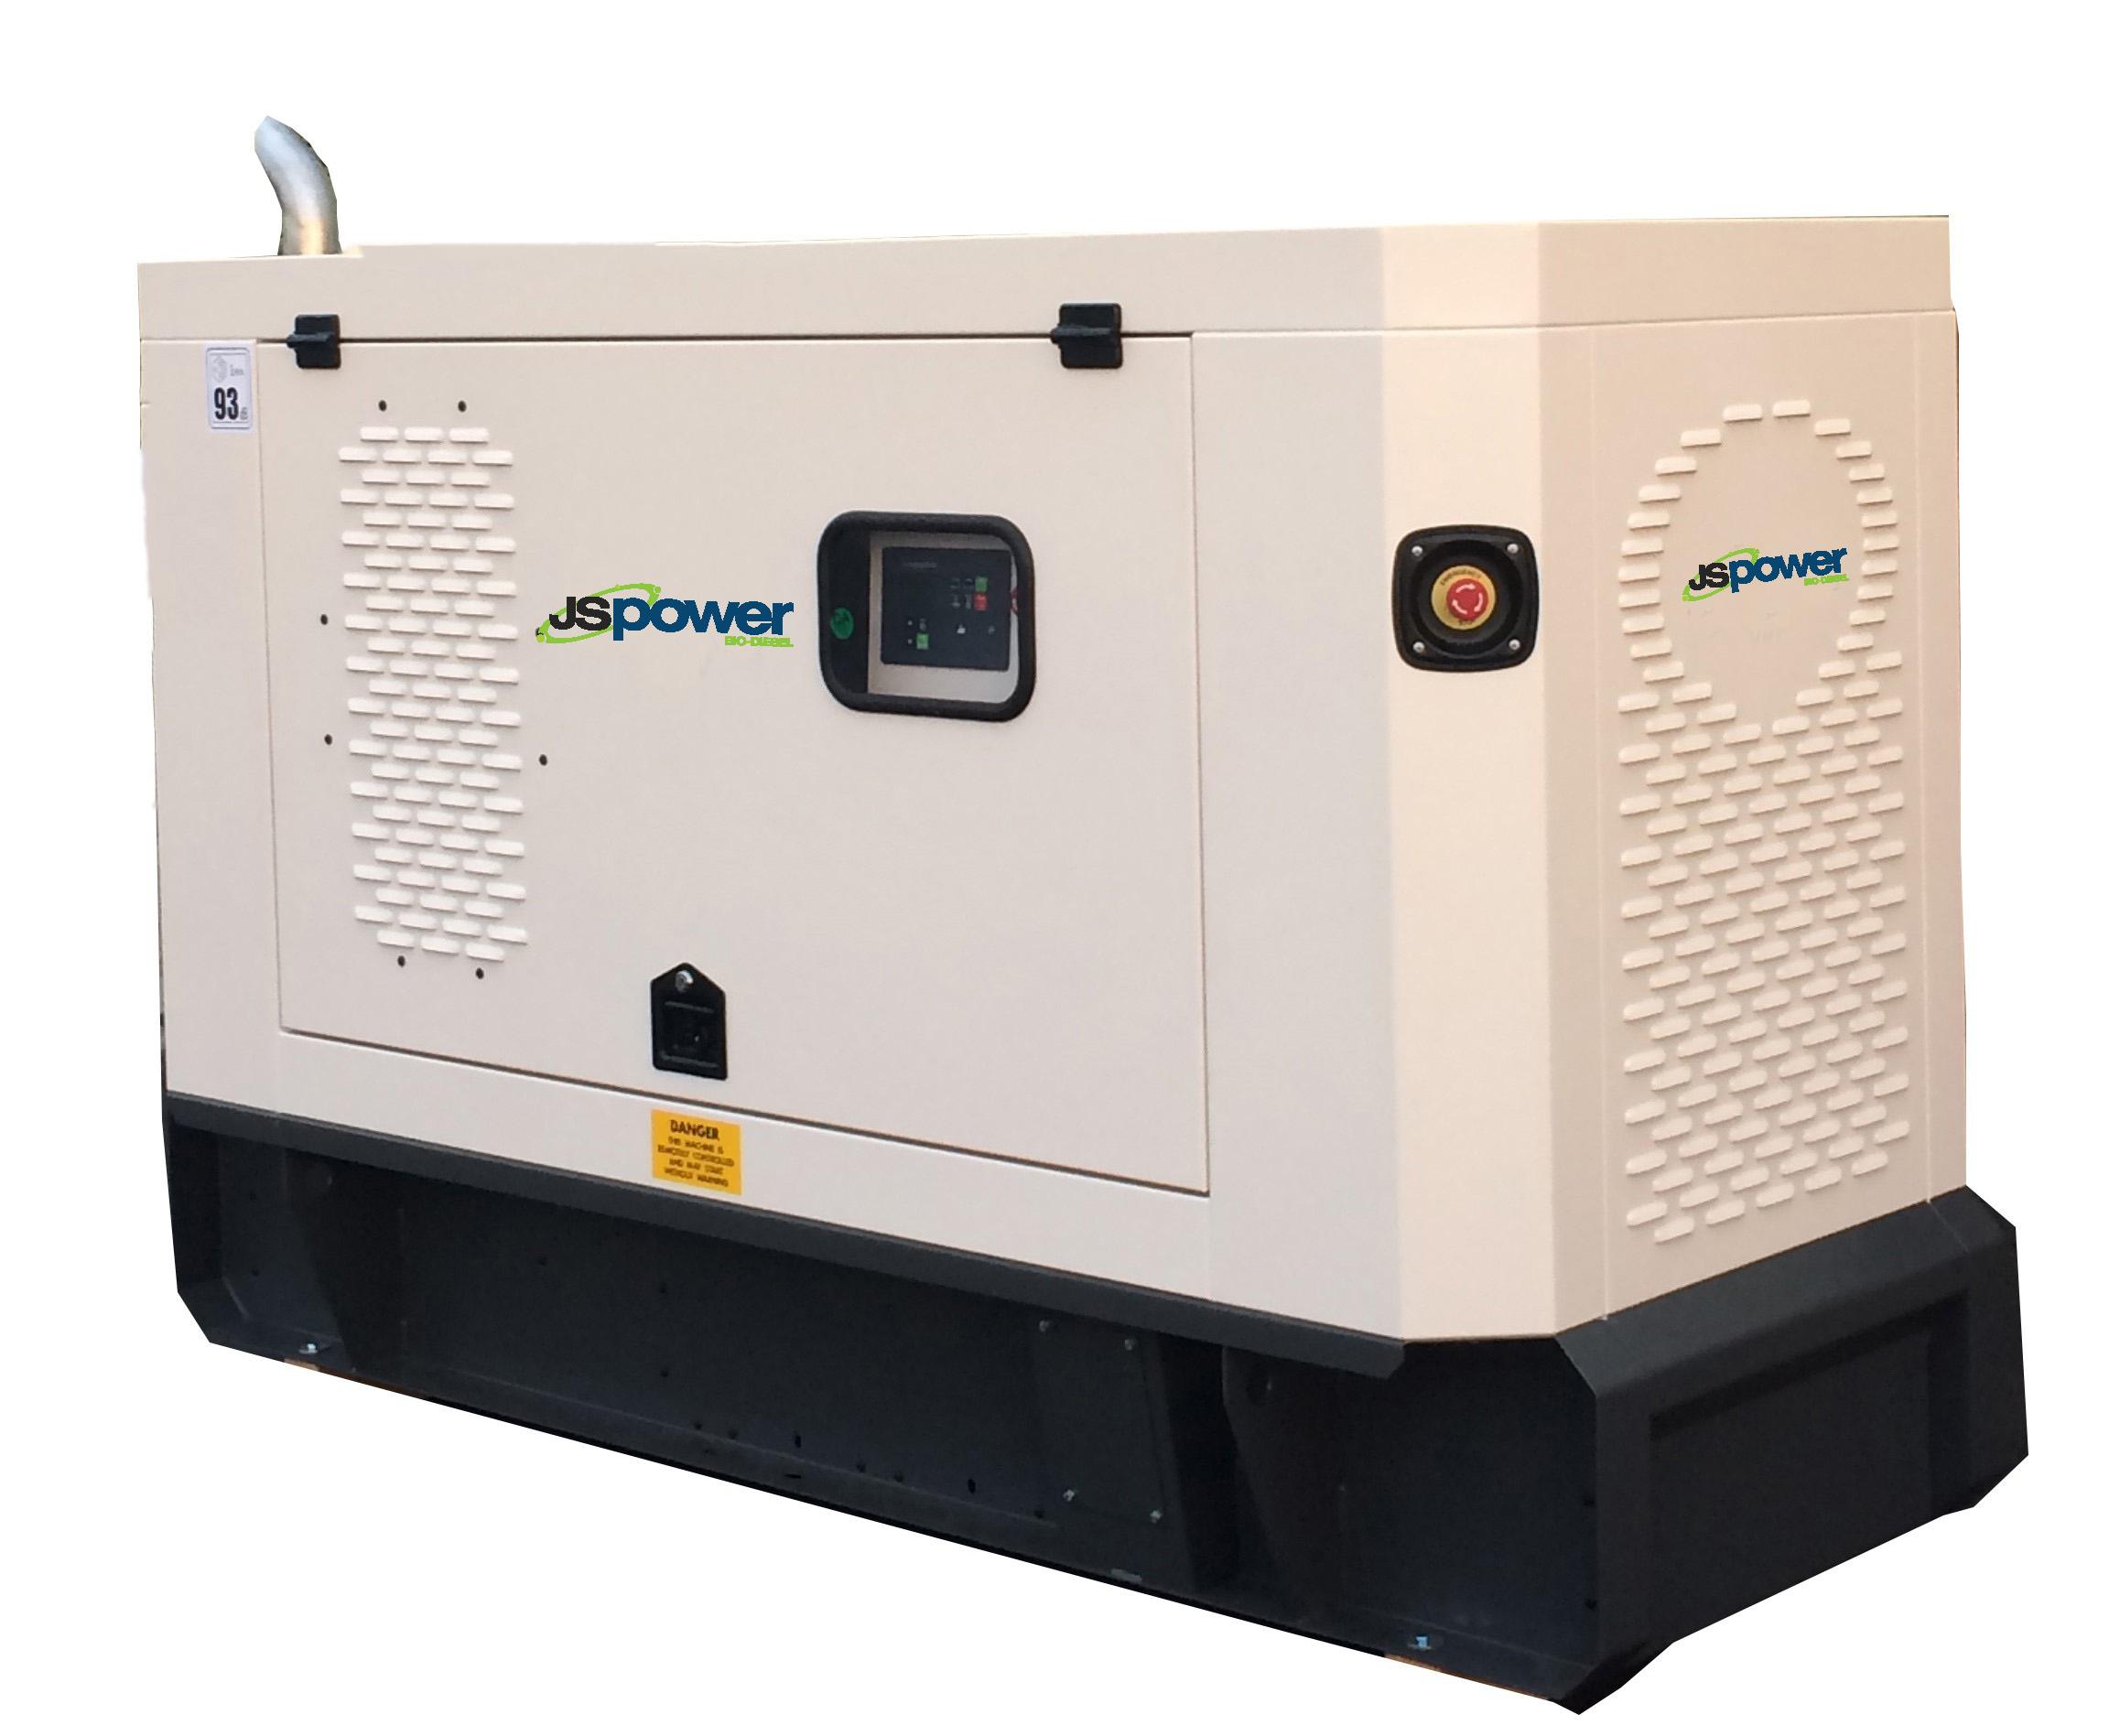 bespoke generator, generator service, generator repairs